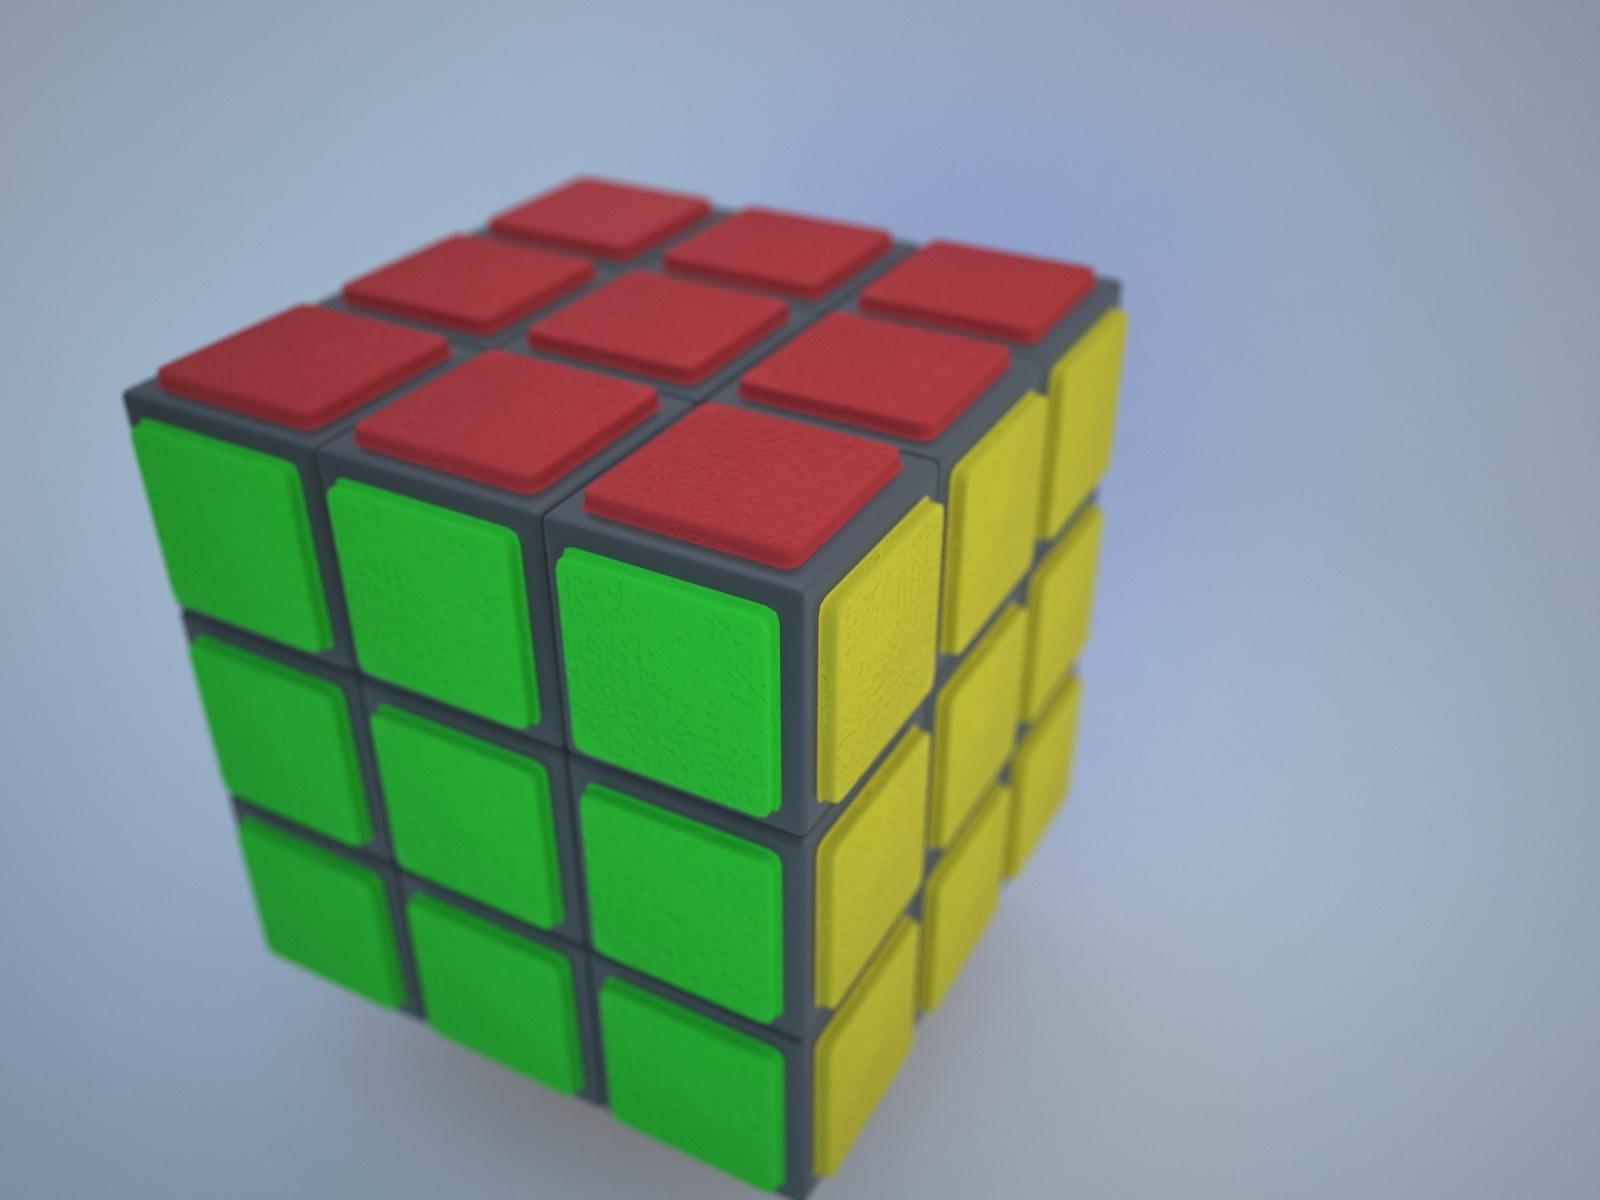 Modelo 3d Cubo Gratis Turbosquid 896821